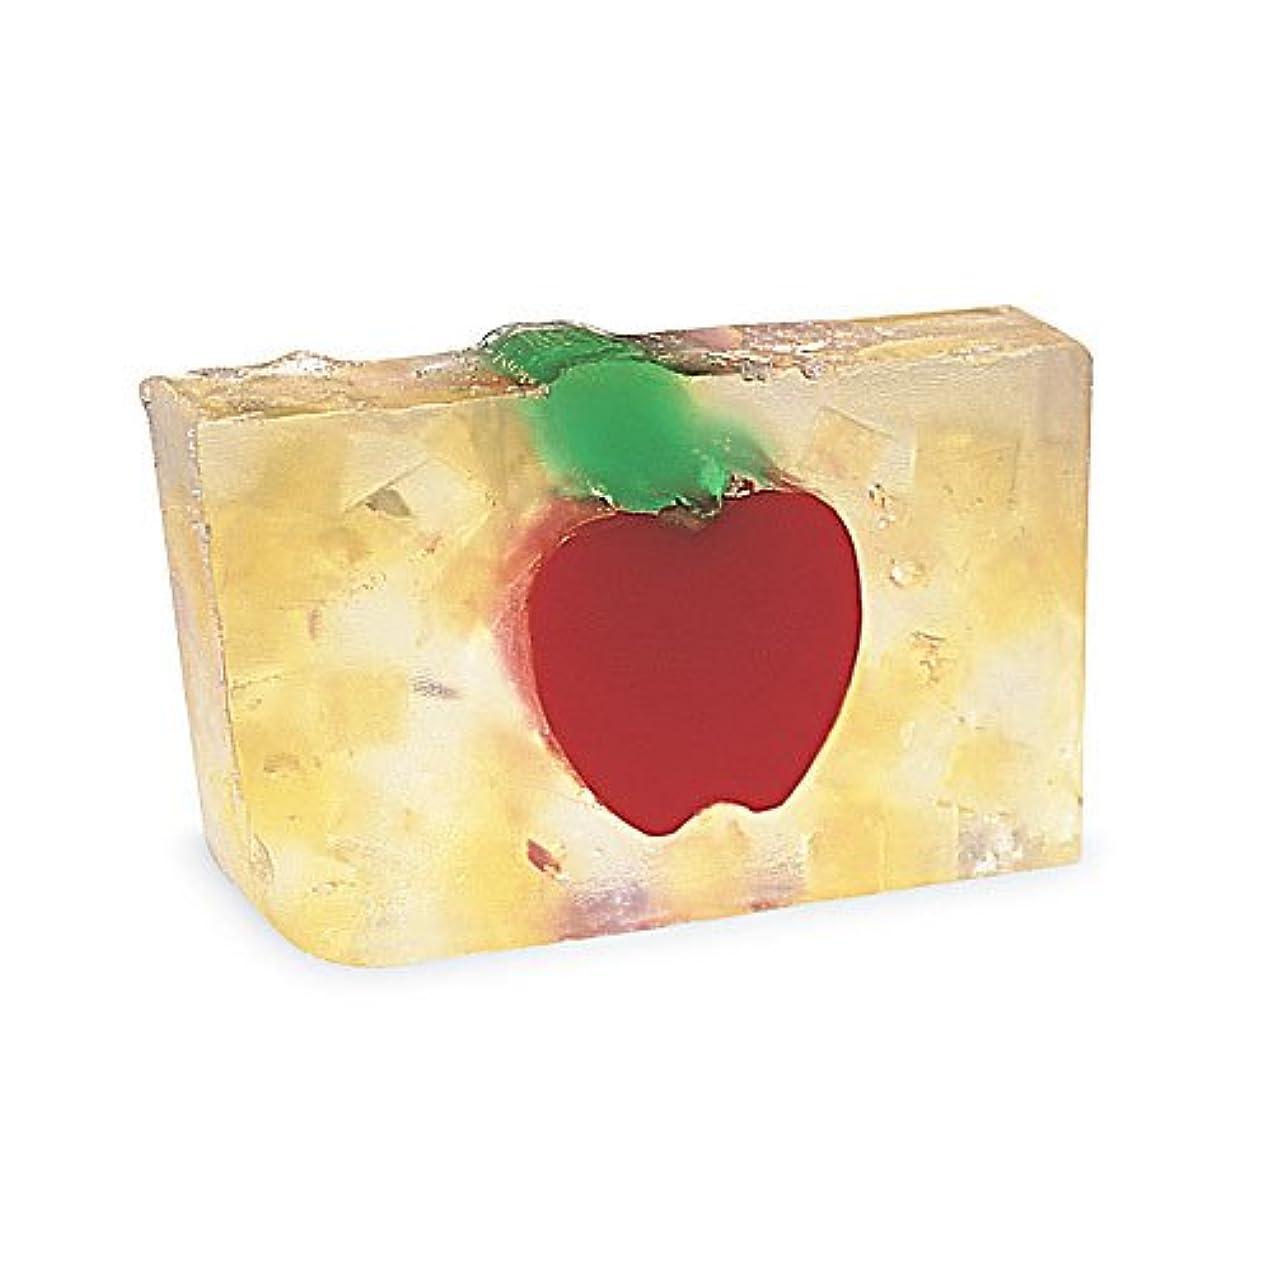 プライモールエレメンツ アロマティック ソープ ビッグアップル 180g 植物性 ナチュラル 石鹸 無添加